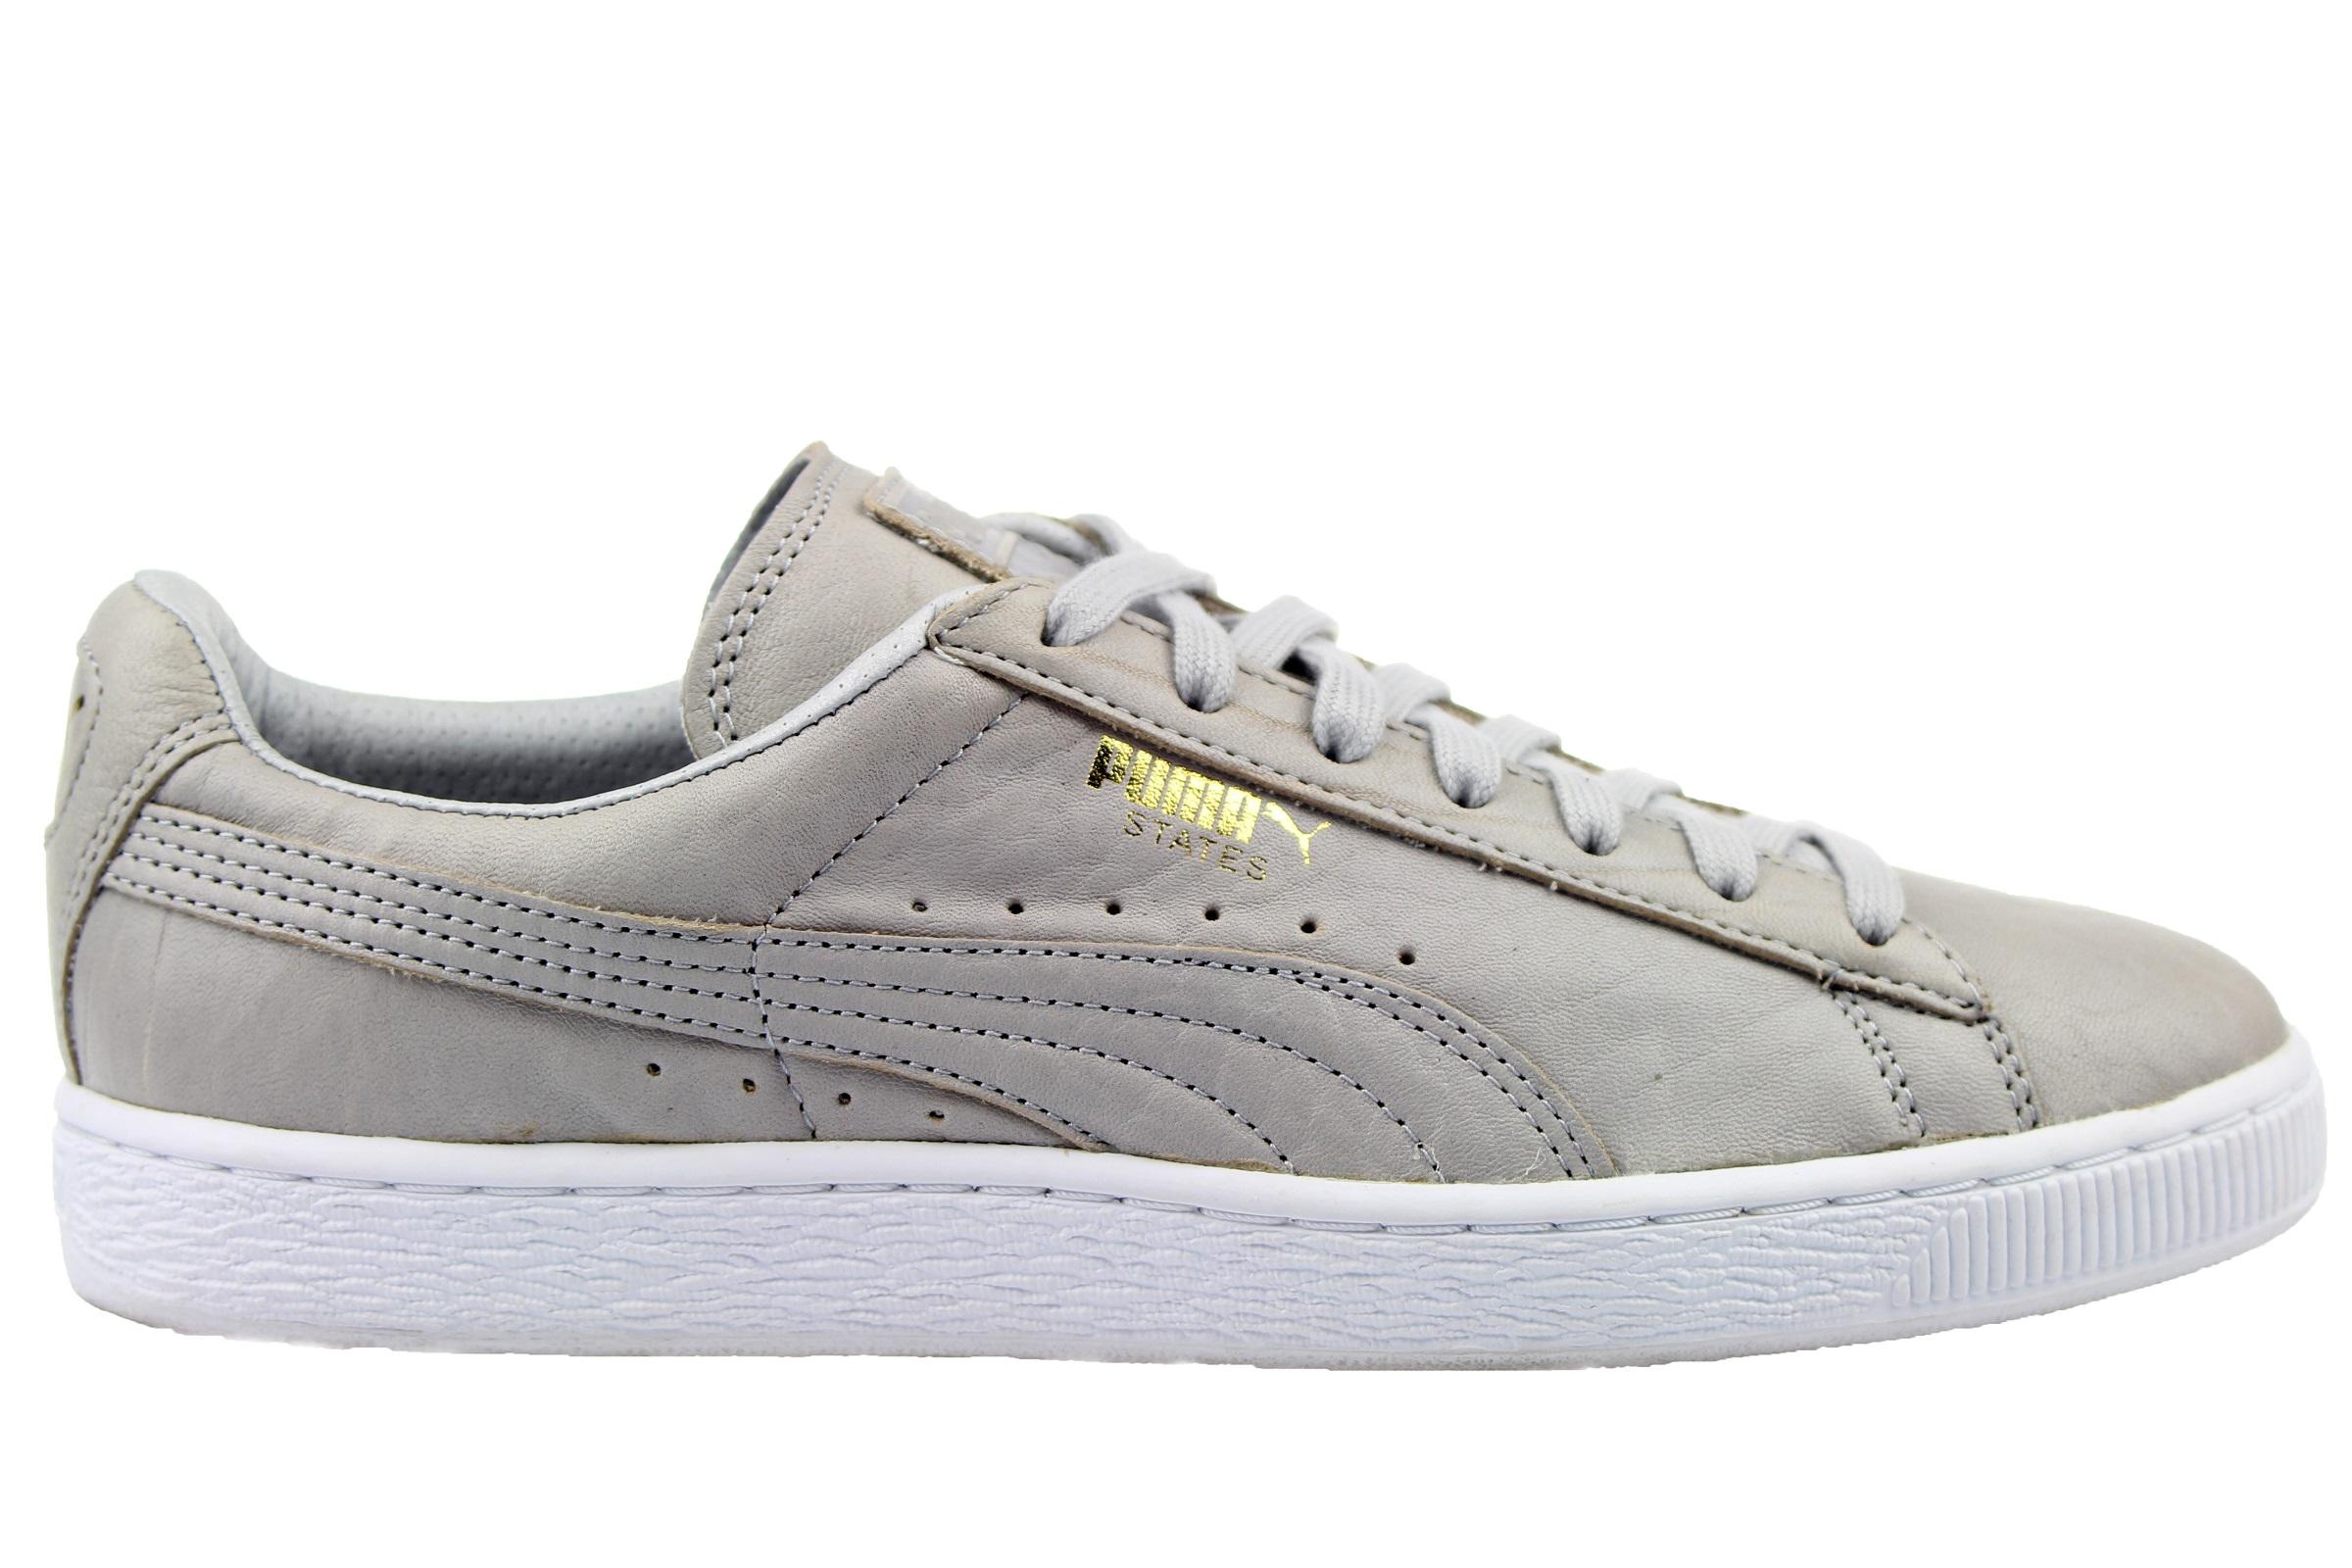 Puma States Buty Męskie Sneakersy 45 7249649047